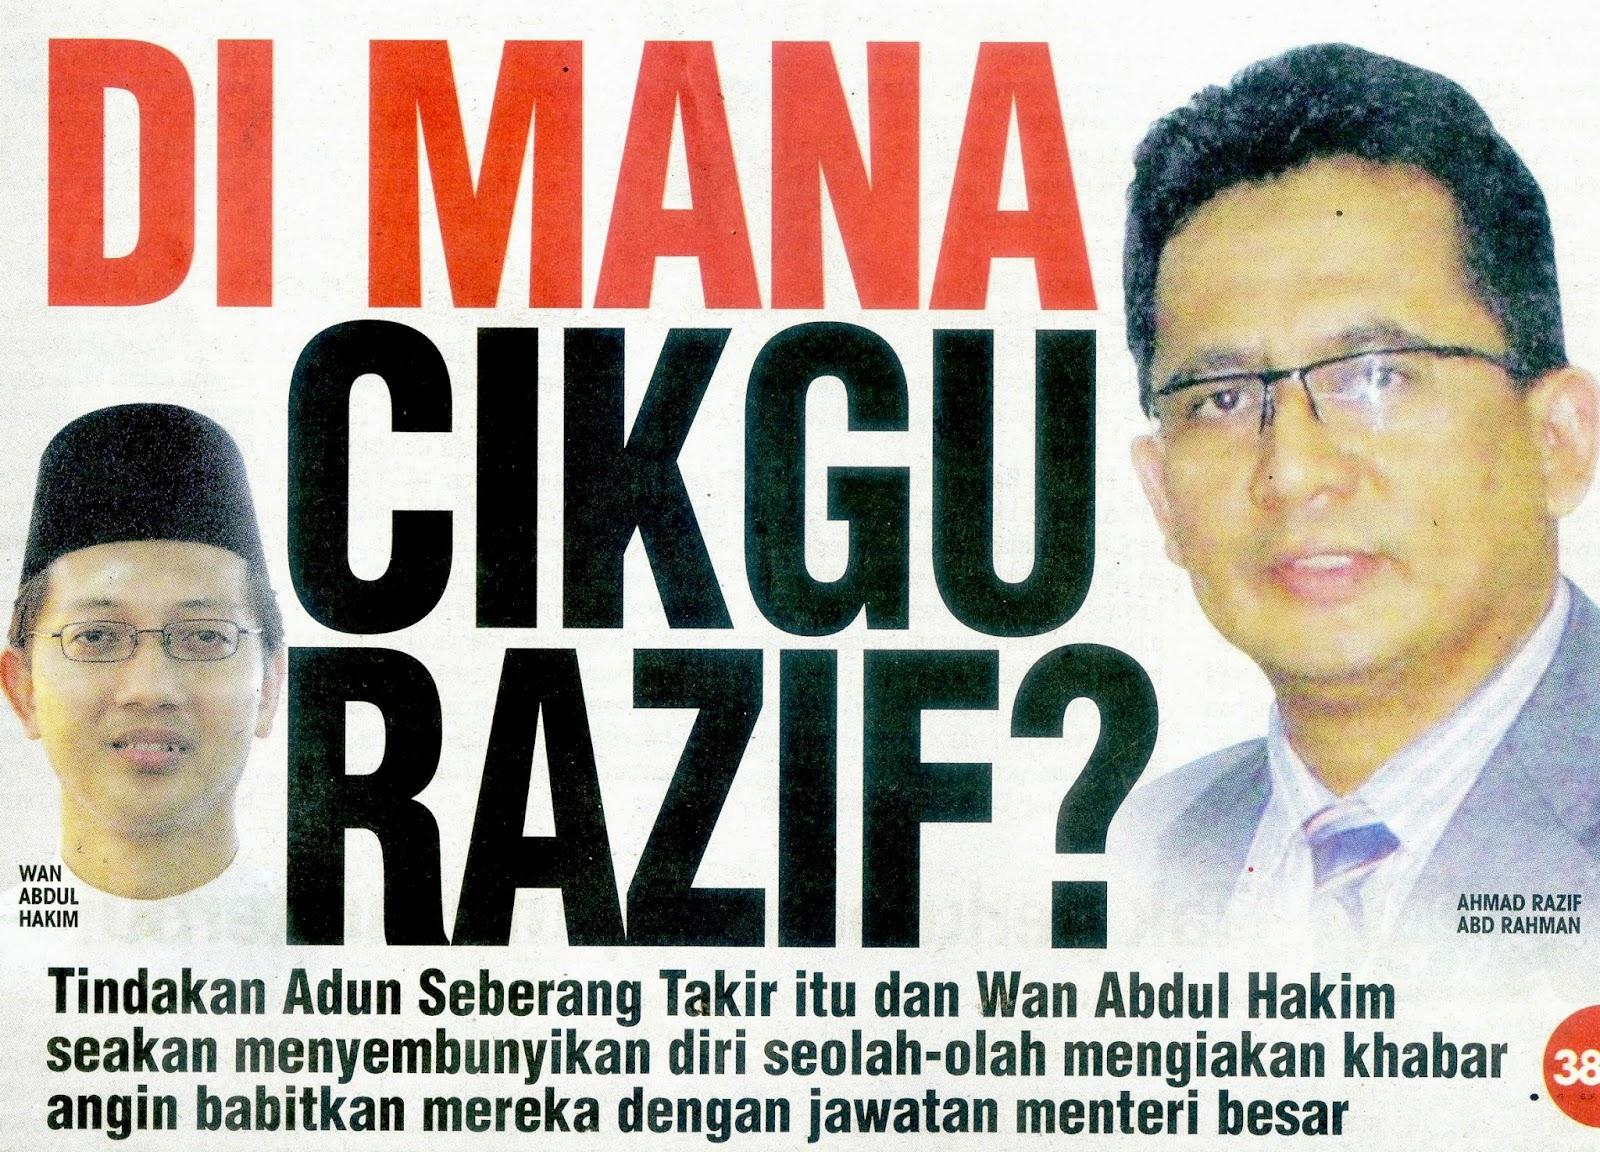 Ahmad Razif memilih untuk tidak melayan pertanyaan berkaitan perkara itu  daripada mana-mana pihak 8433e2ada6